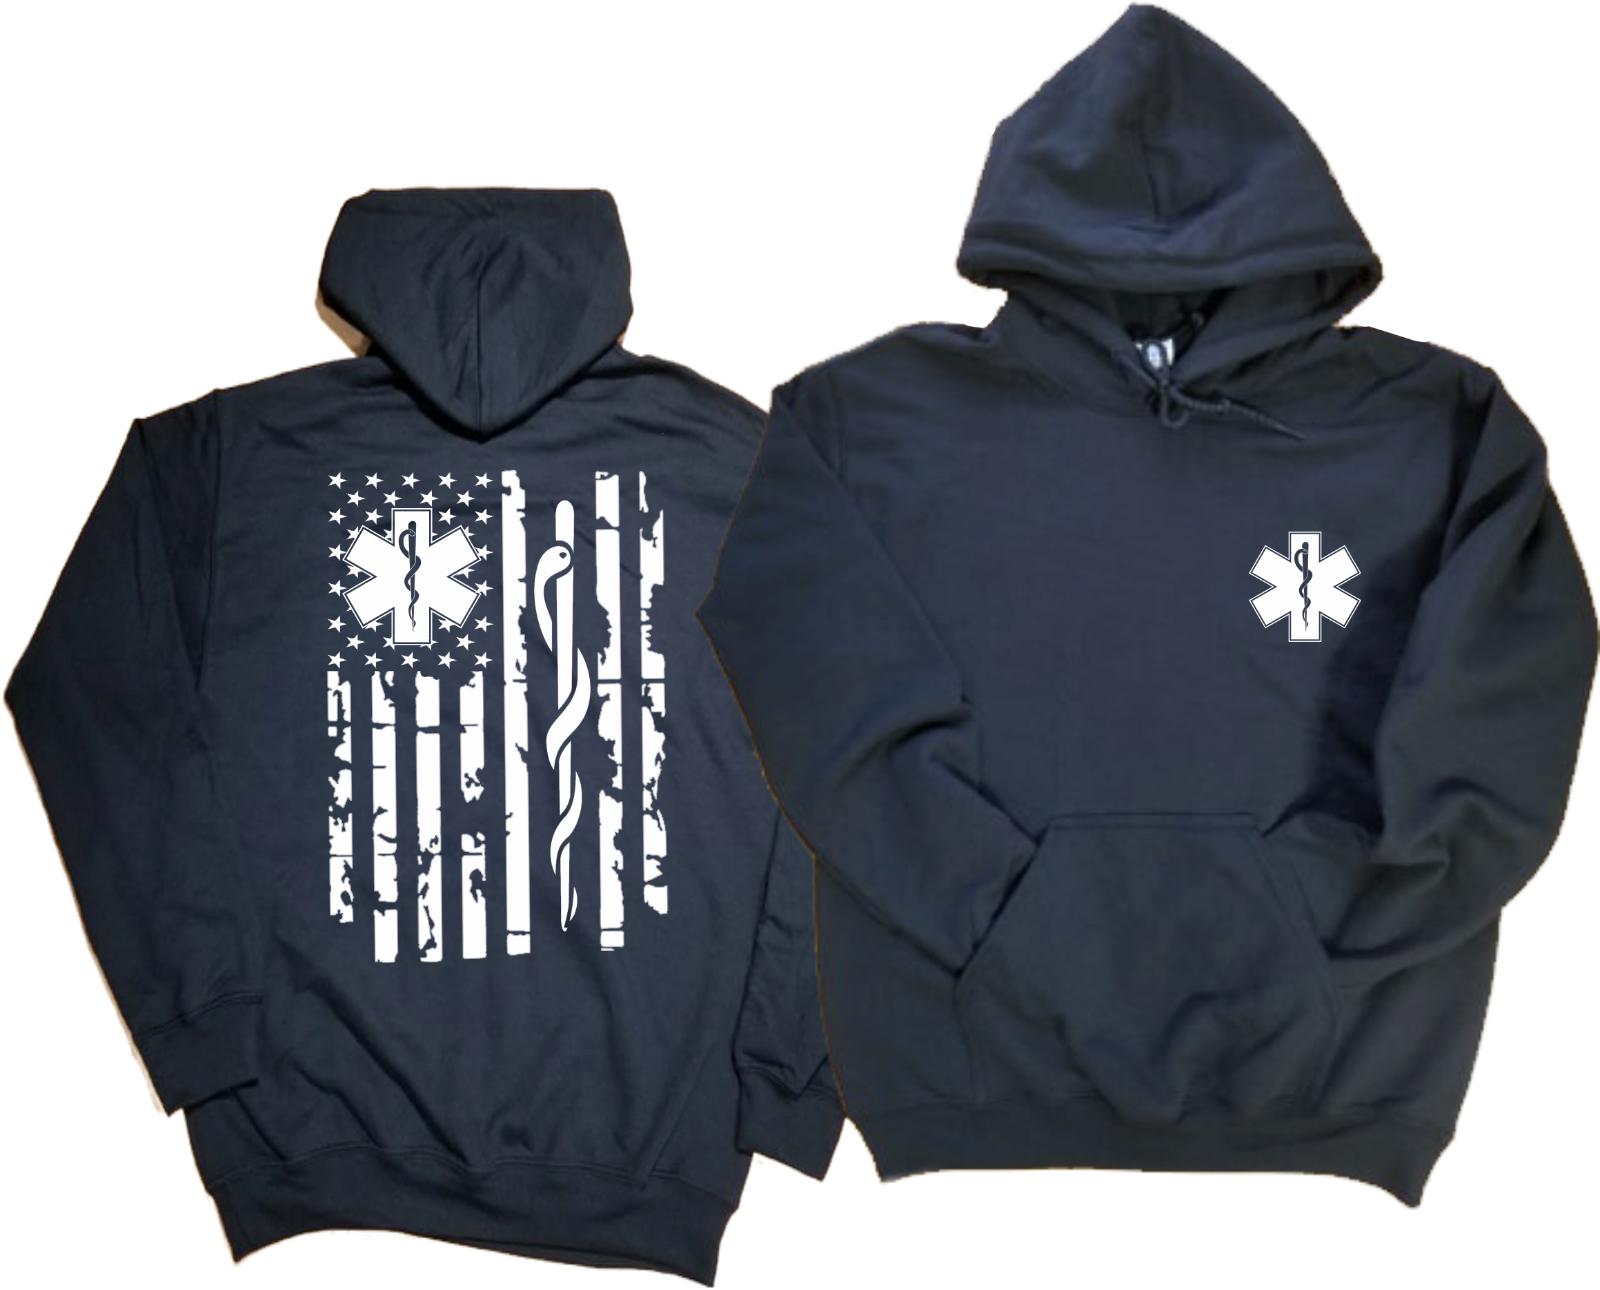 Emt bandeira hoodie com capuz paramédico bandeira moletom presente para ems hoodie